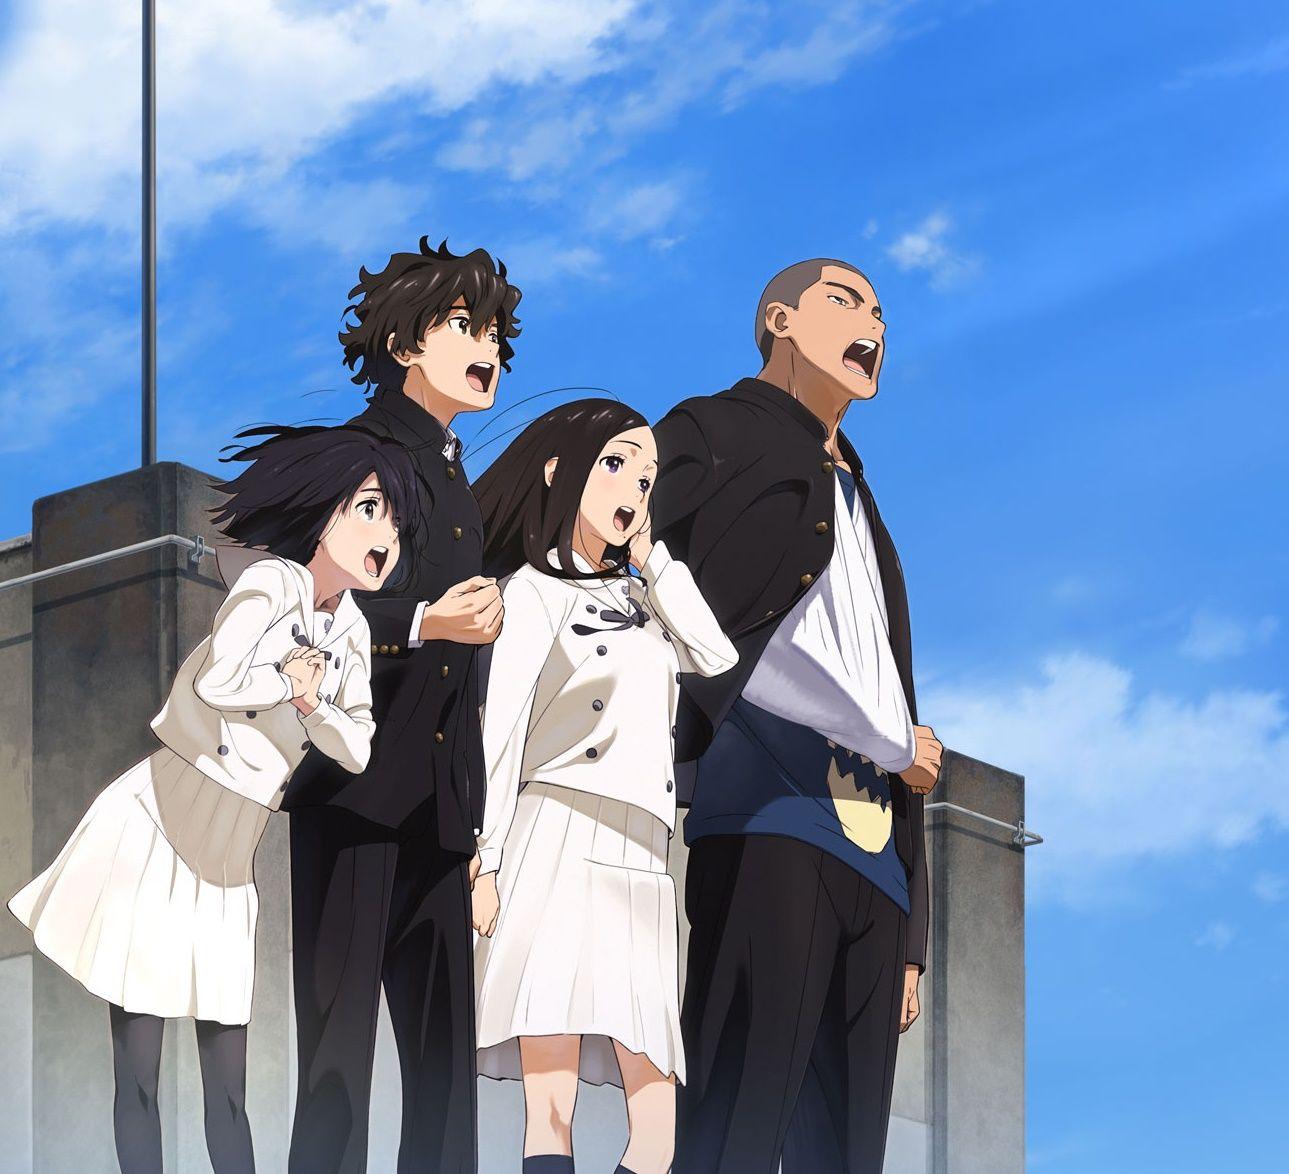 kokosake key anime